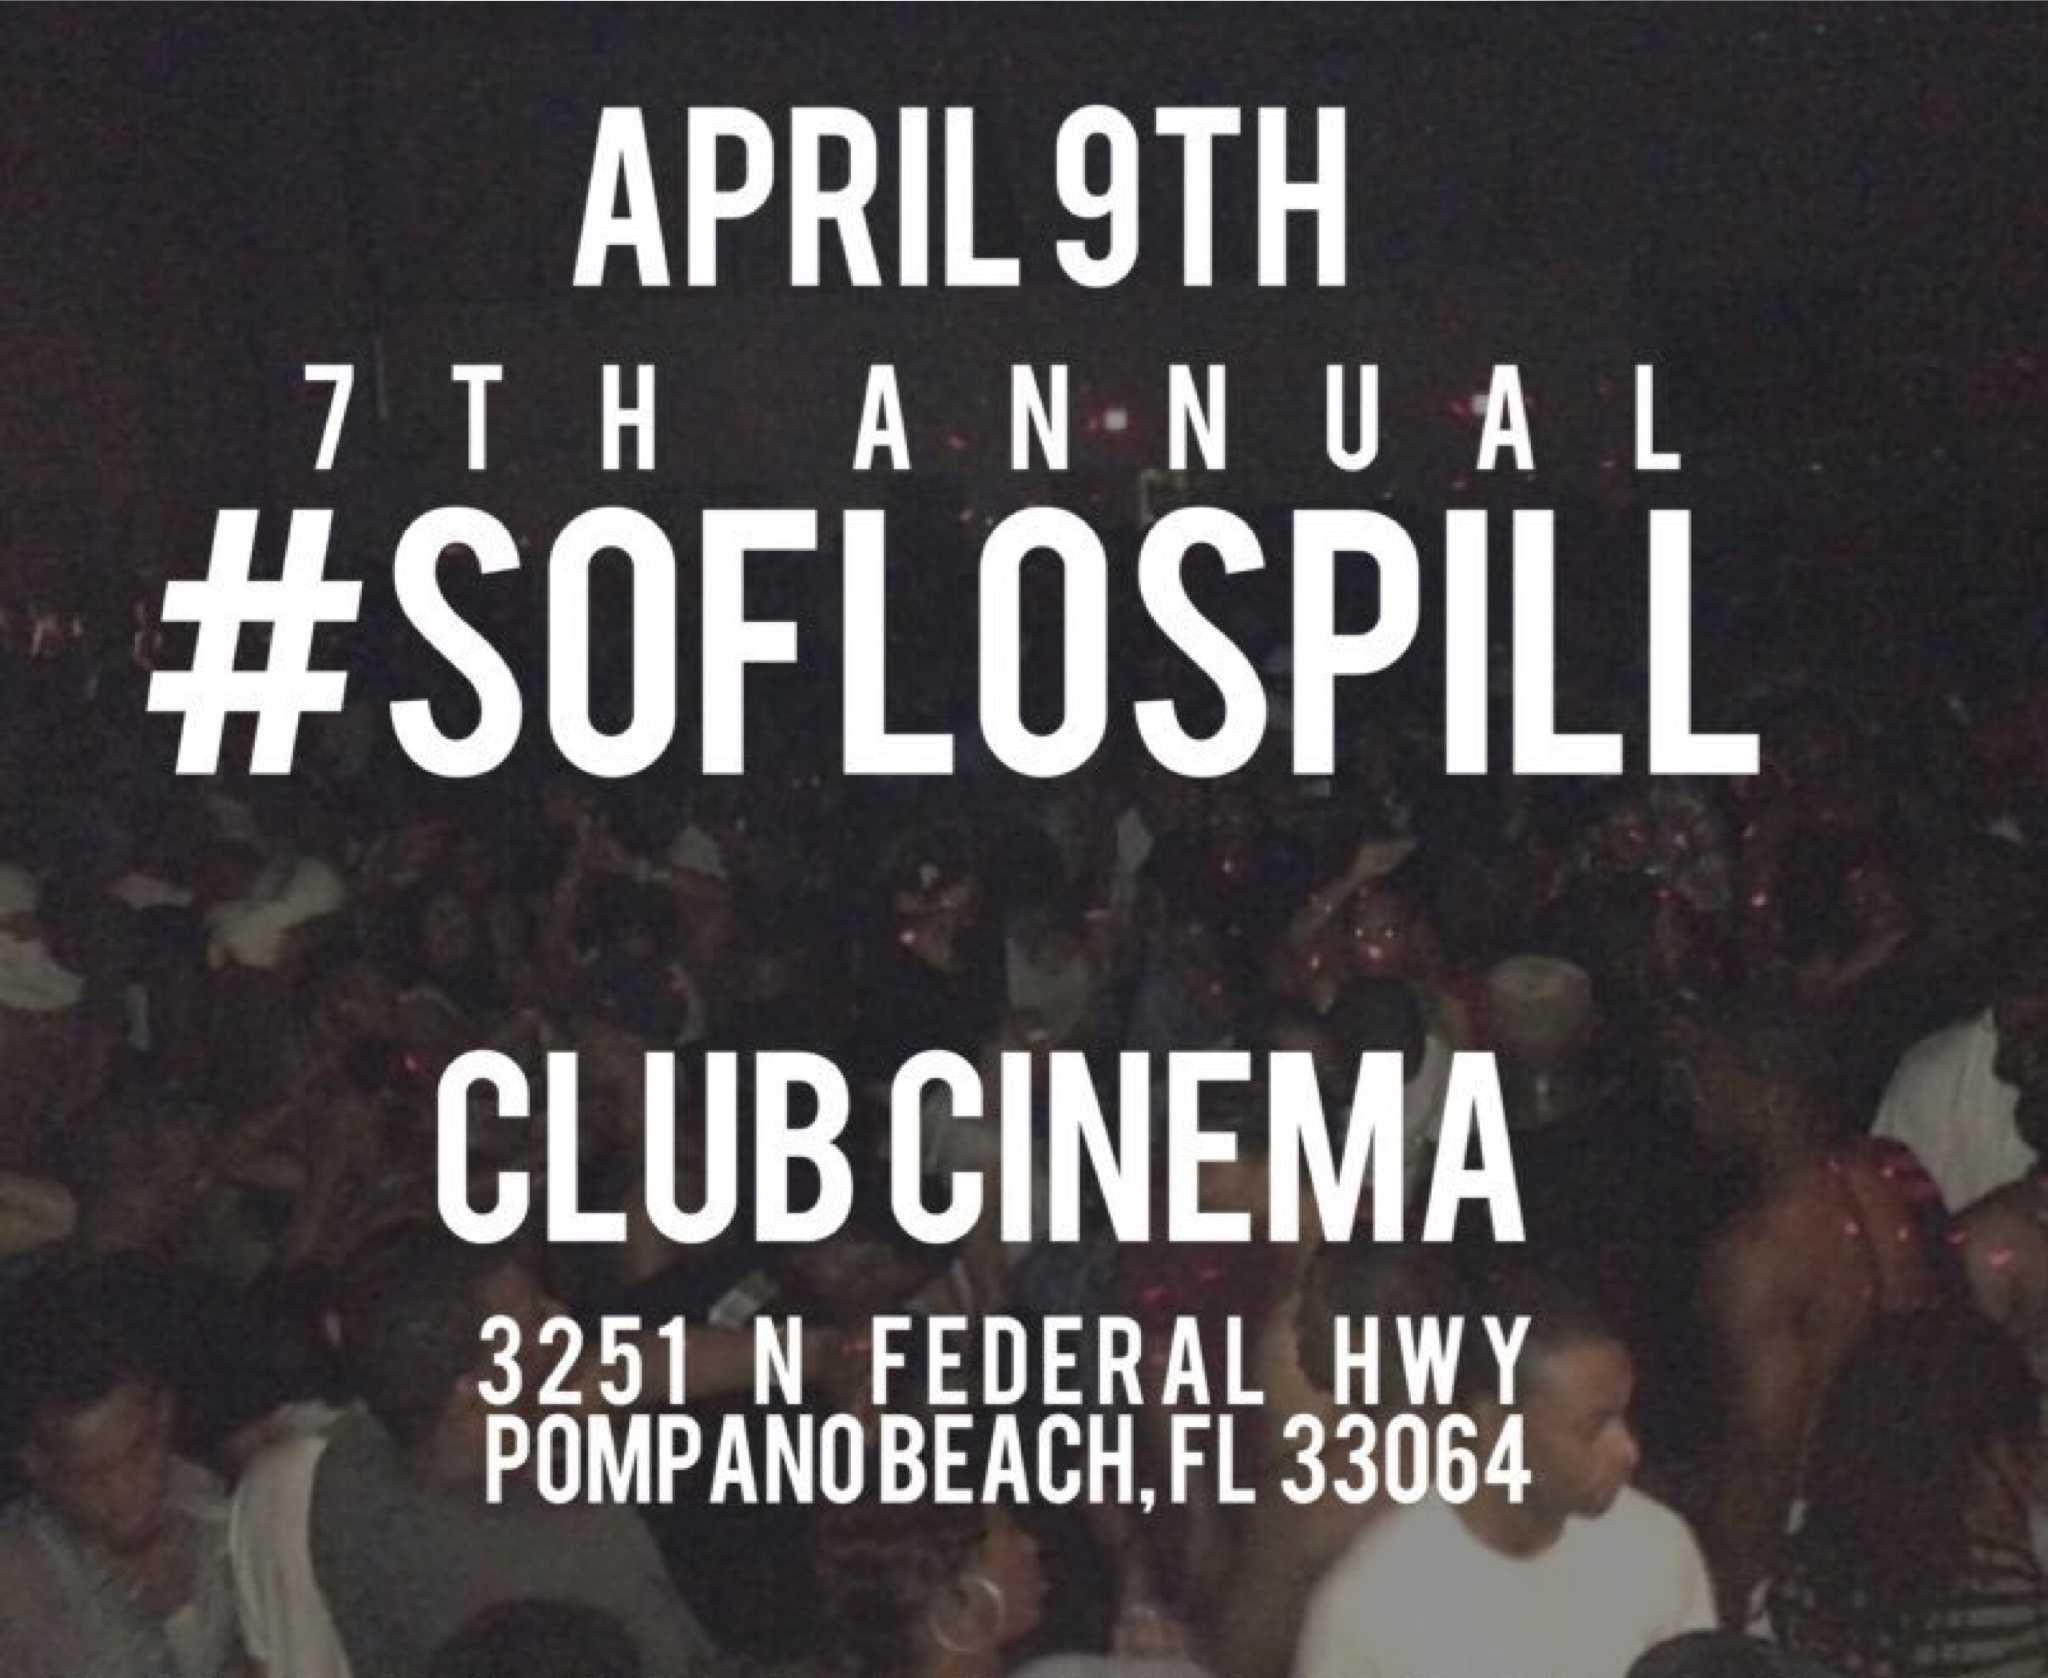 South Florida Spill flier via Twitter